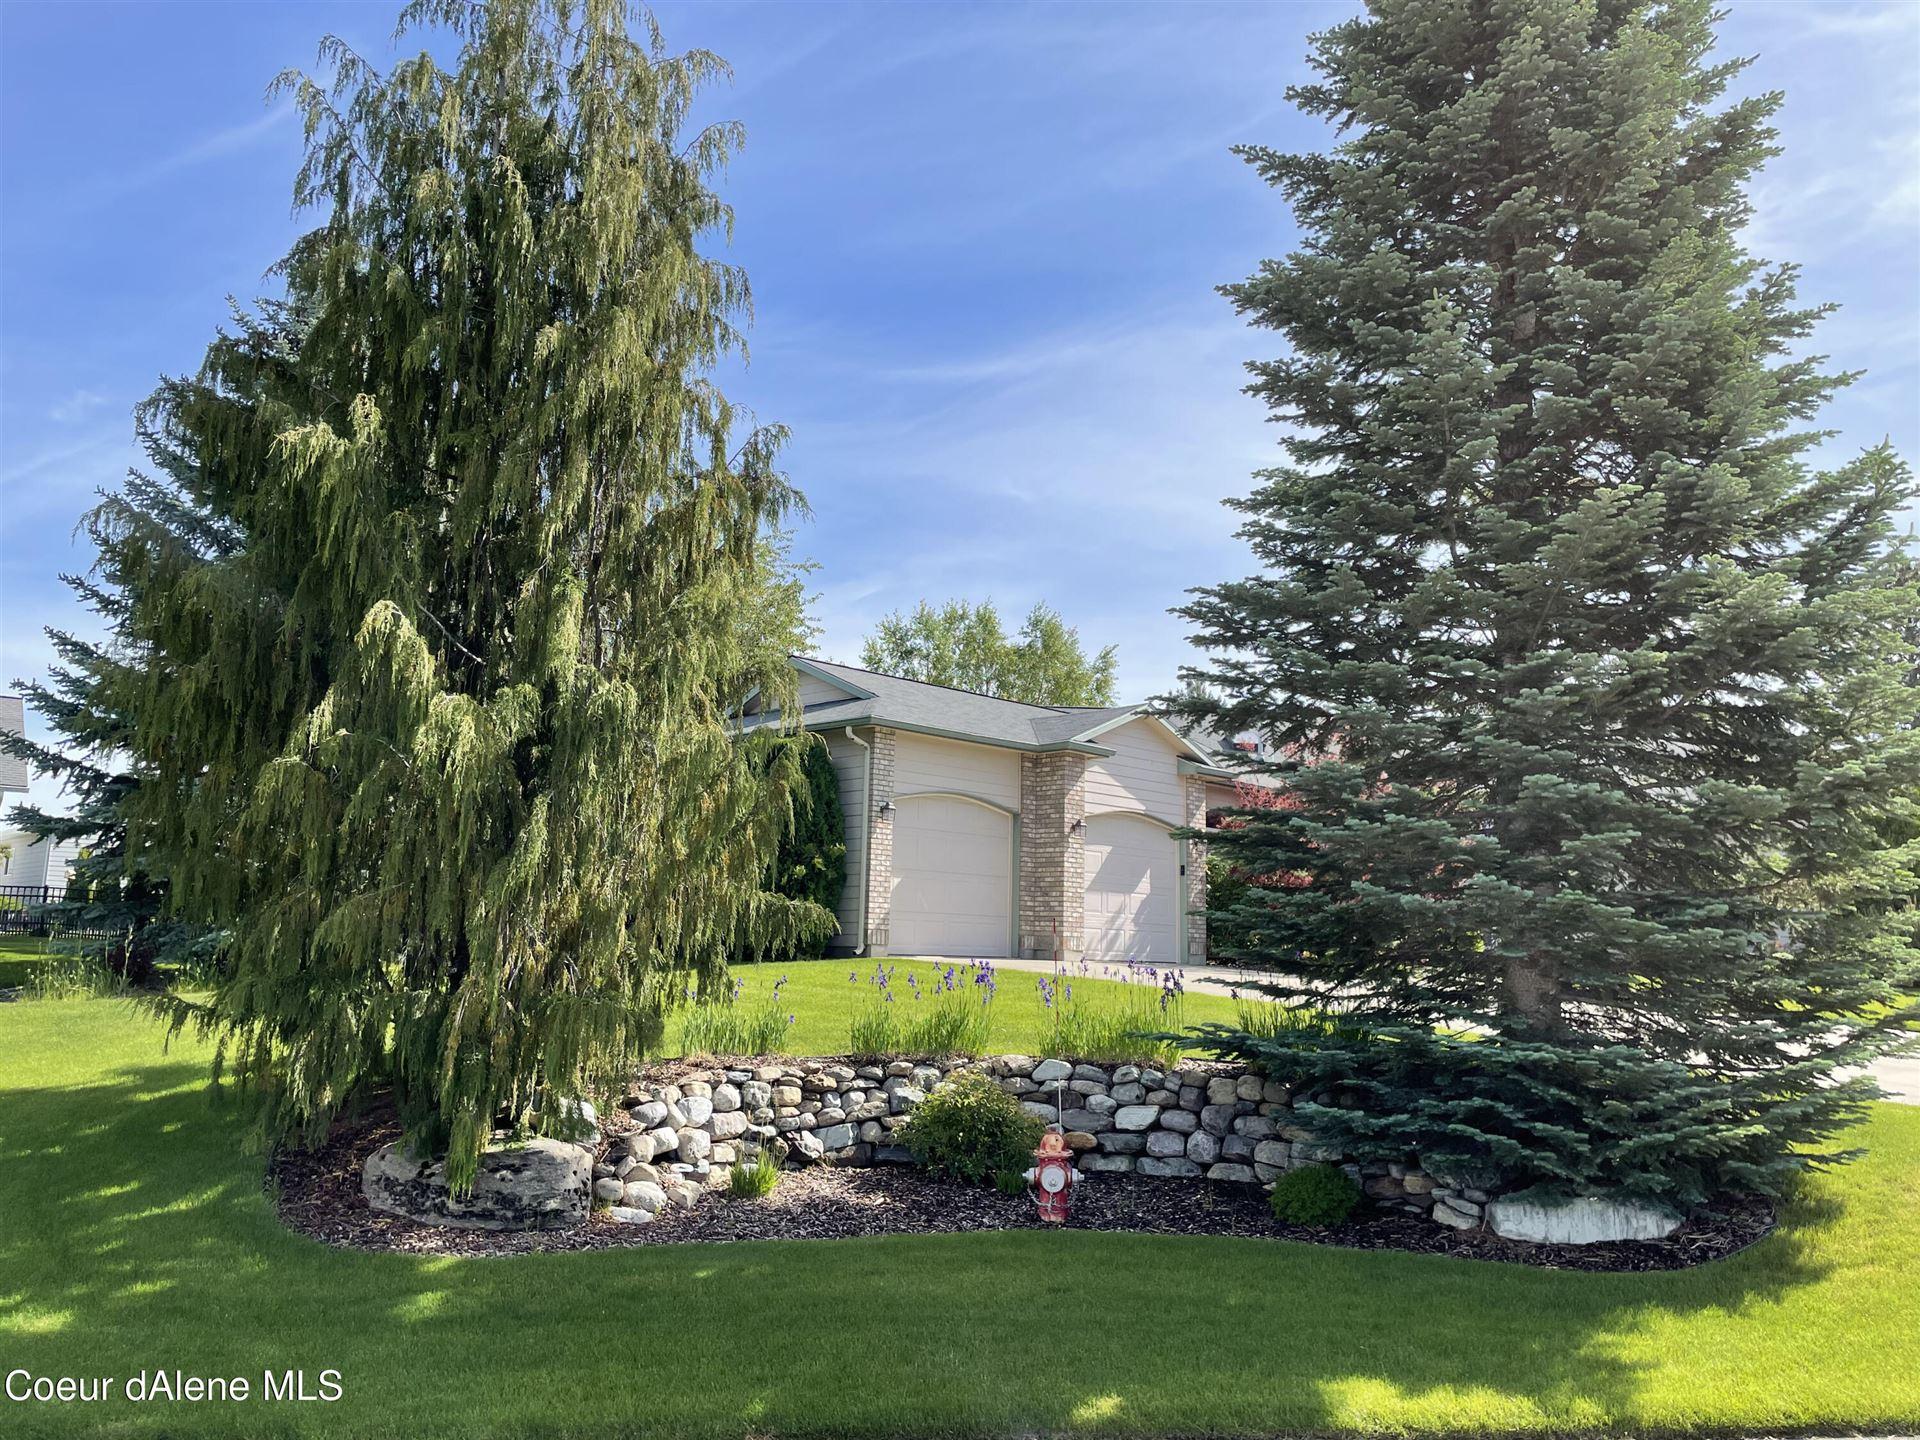 Photo of 1061 W OAKWOOD DR, Hayden, ID 83835 (MLS # 21-5385)